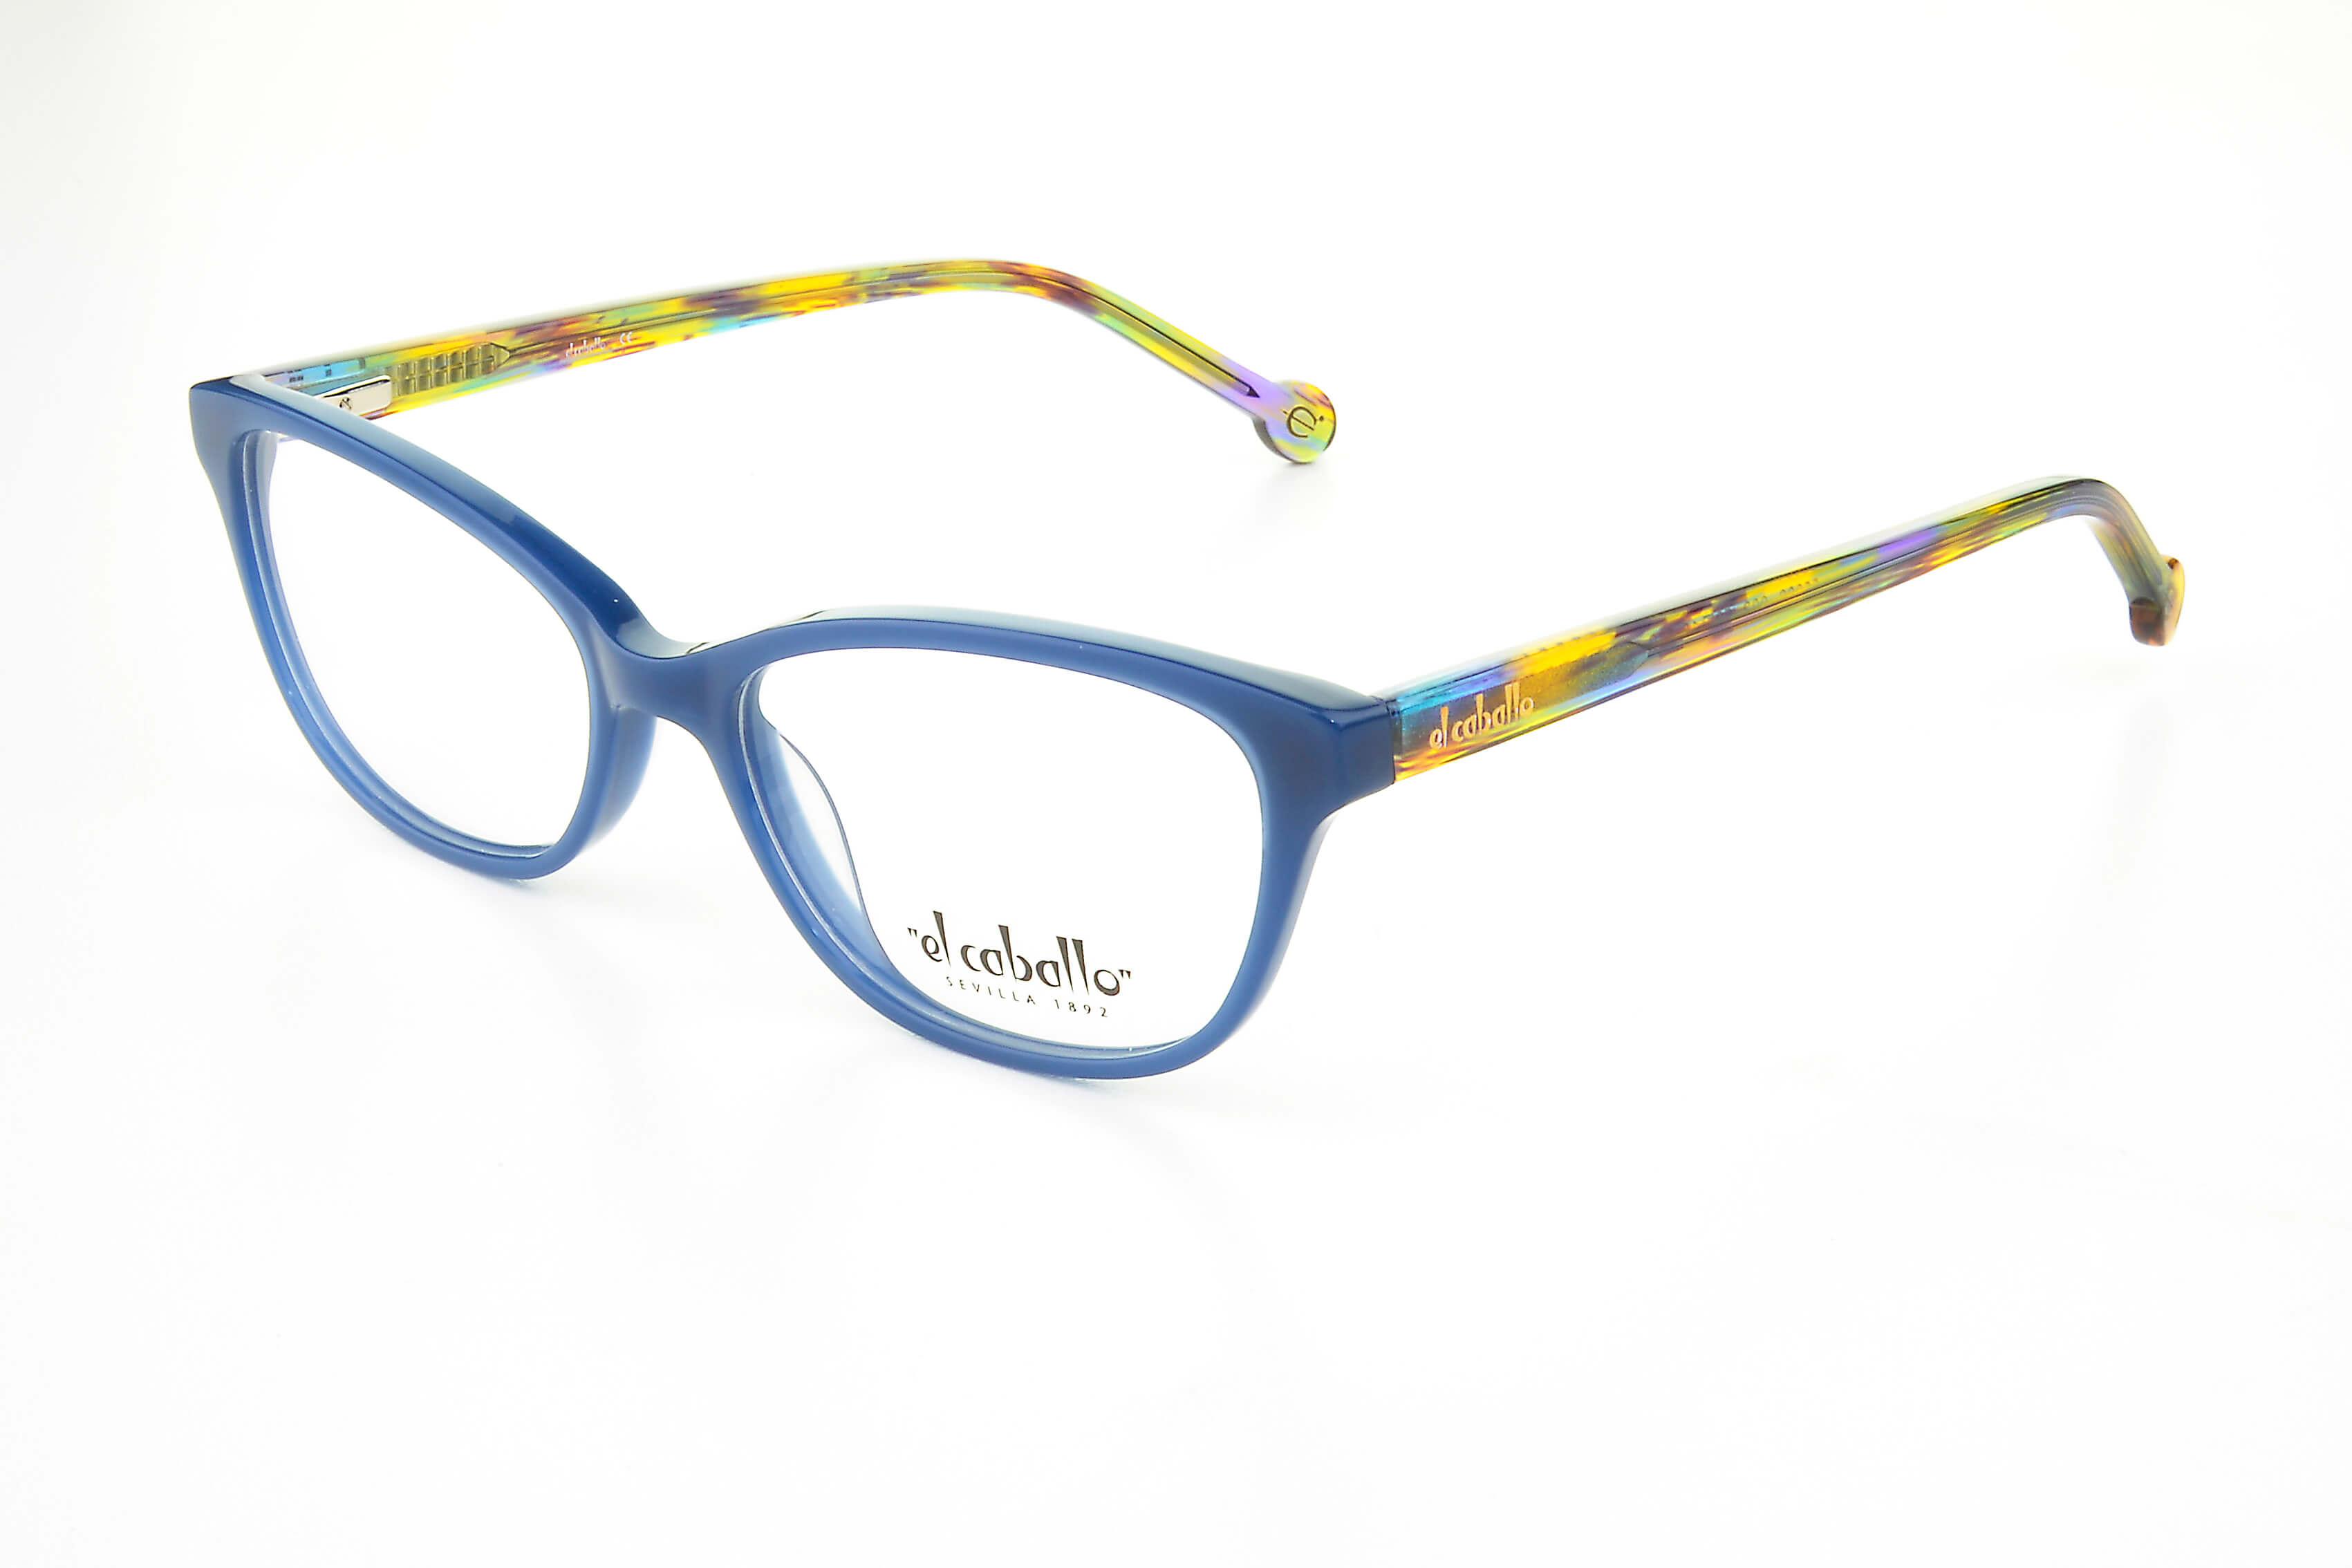 Cione distribuye en exclusiva la marca de gafas El Caballo